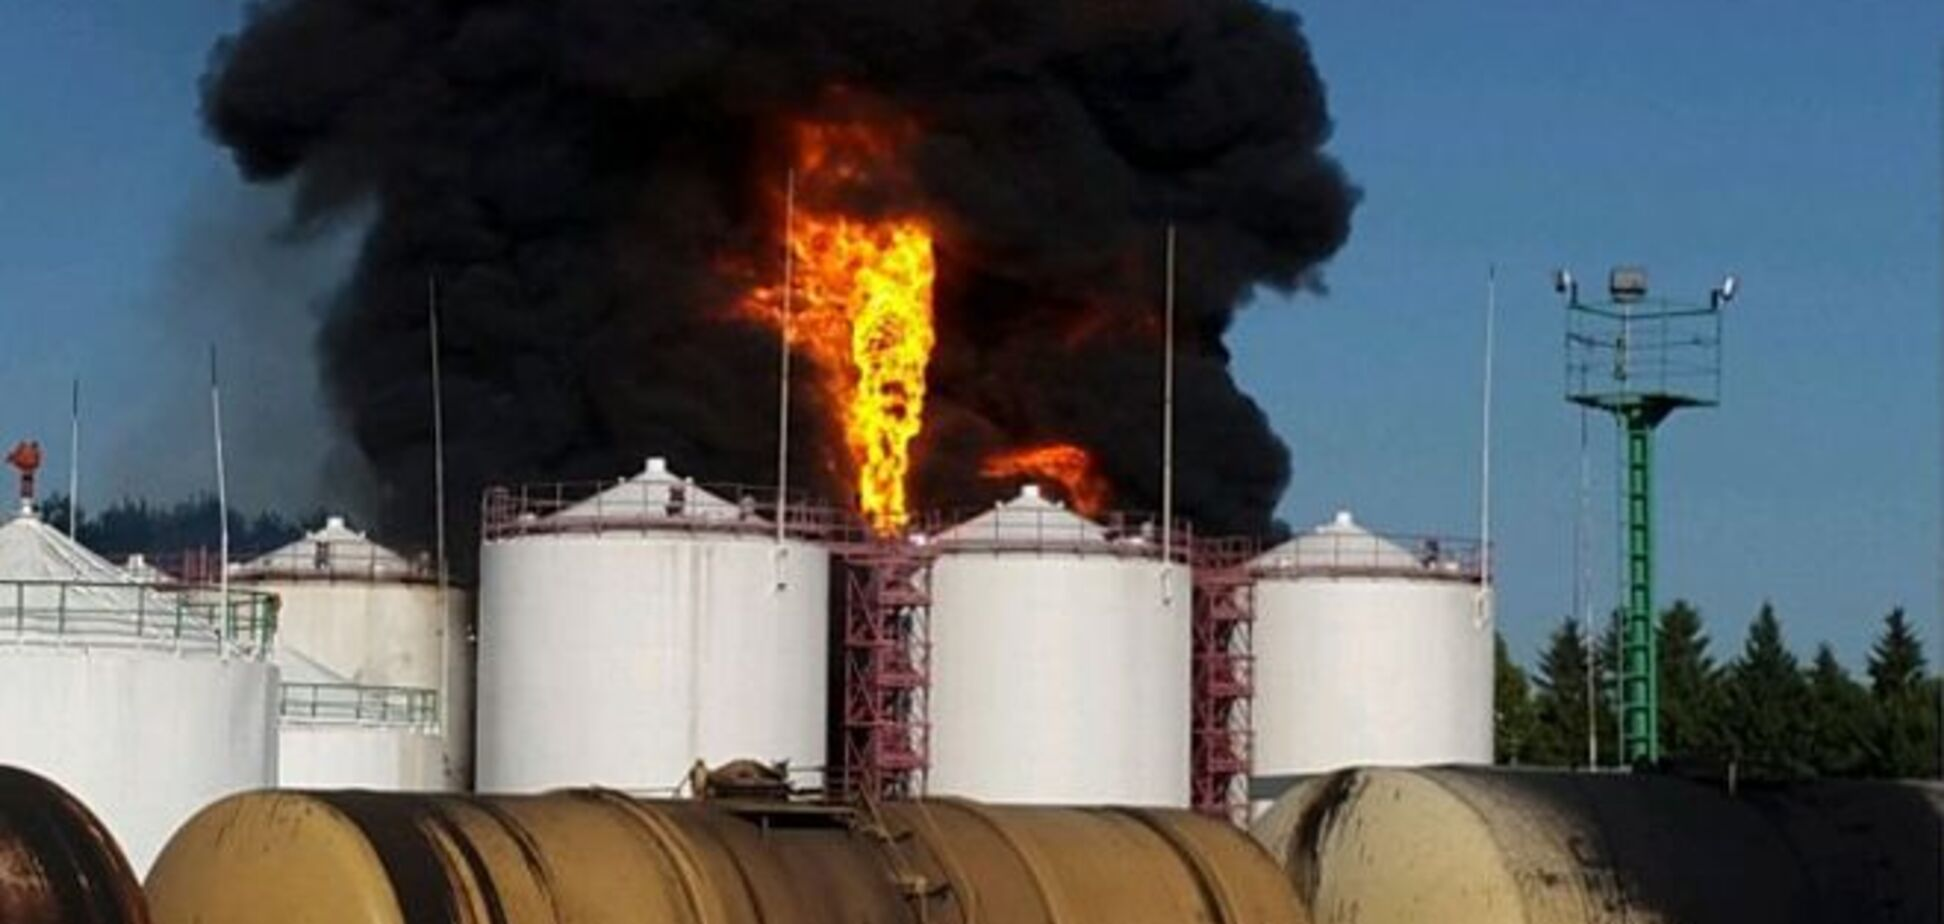 В Василькове вспыхнула нефтебаза: 4 резервуара с горючим в огне. Опубликованы фото